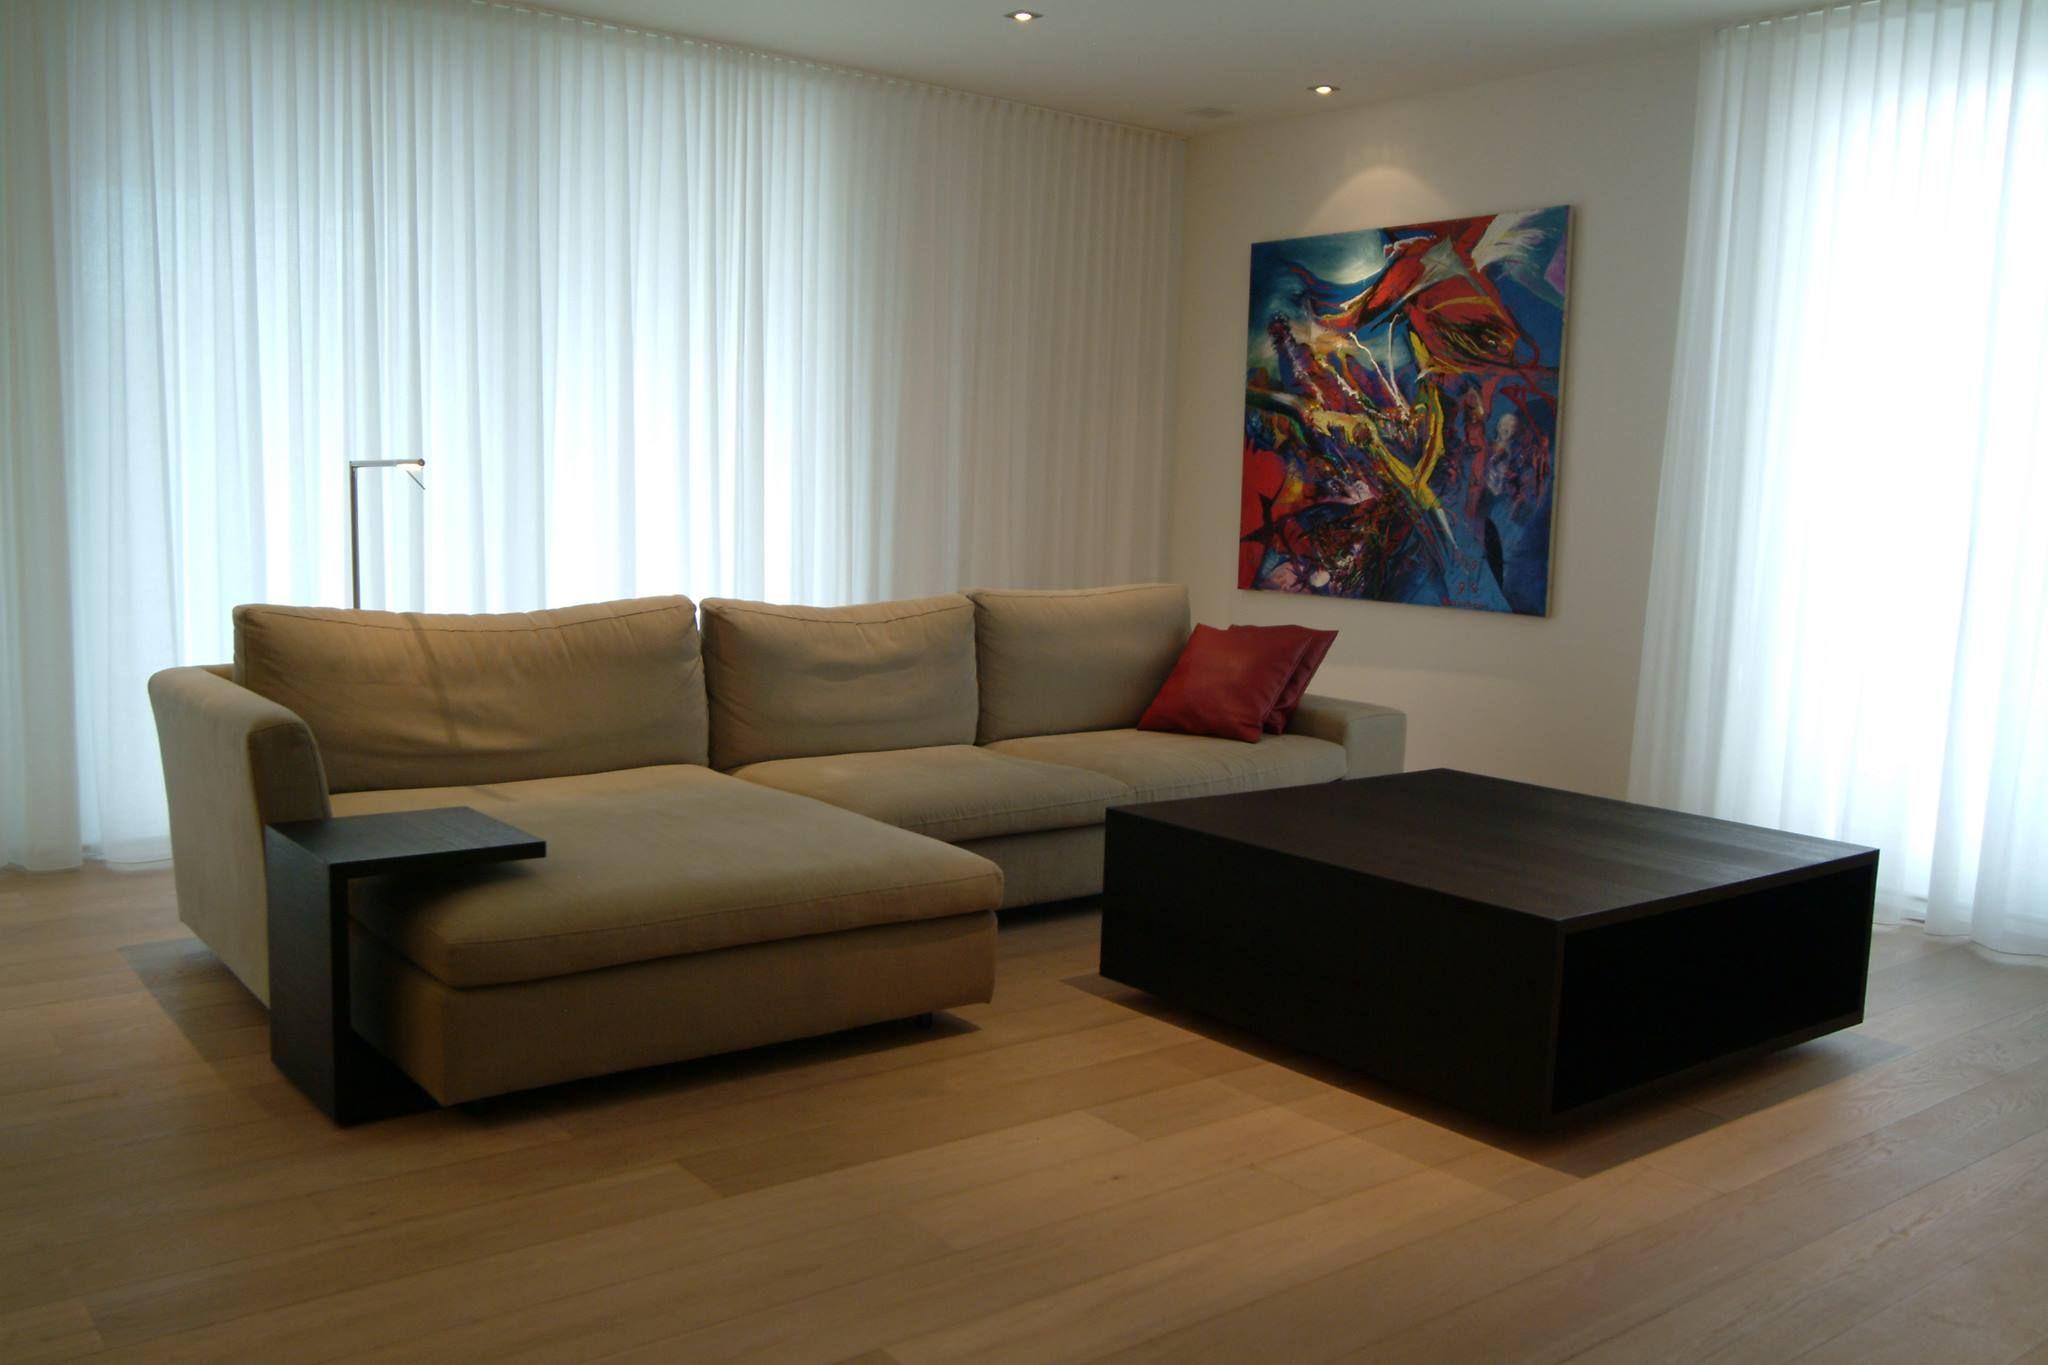 Interieurinspiratie. Inrichting van woonkamer, living. Modern ...